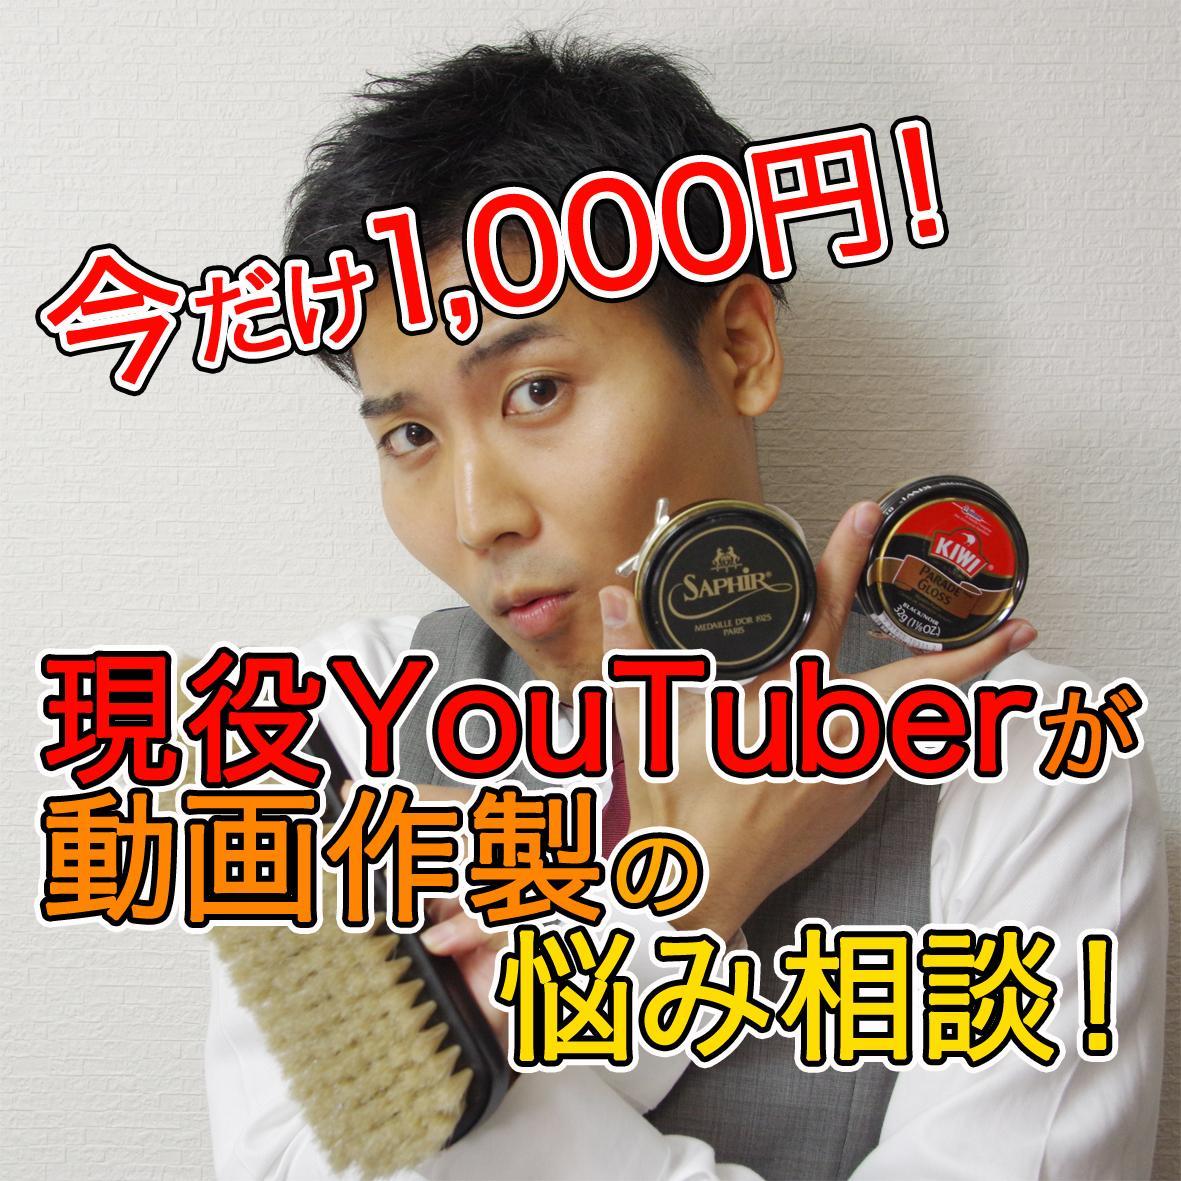 現役YouTuberが動画・戦略のアドバイスします 有名になりたい!再生数を伸ばしたい!そんな願いを叶えます!